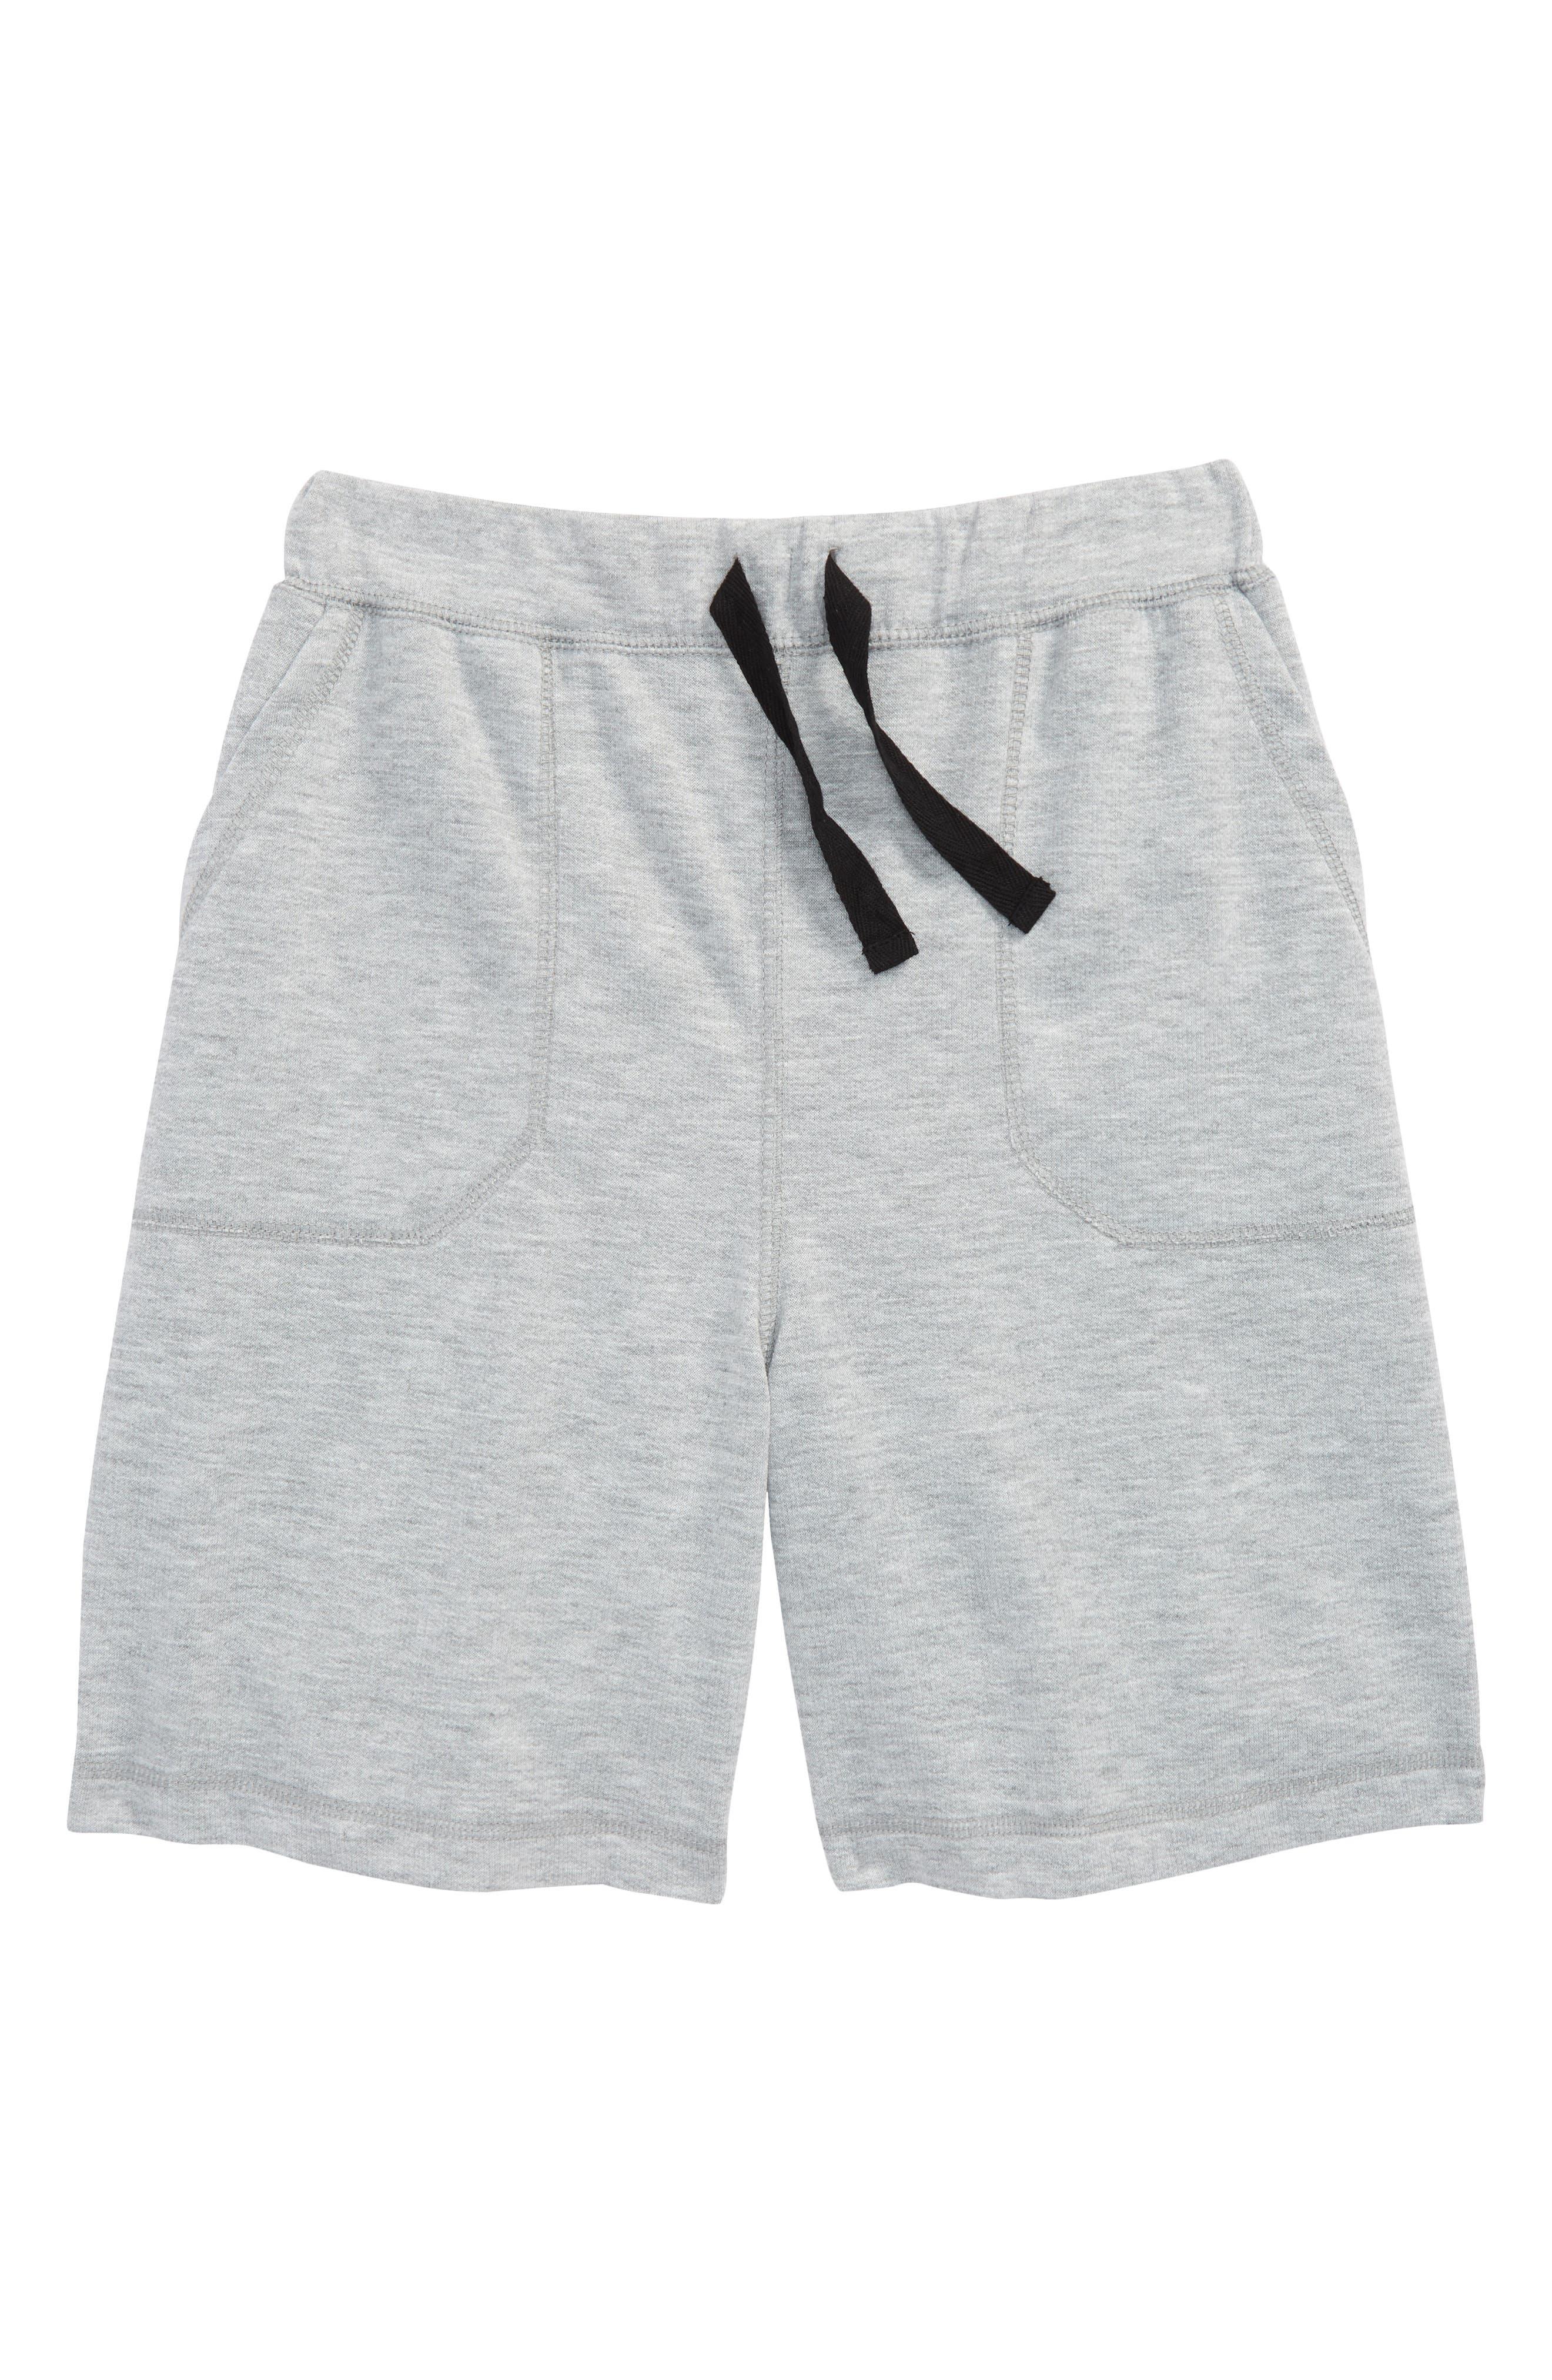 Soft Sleep Shorts,                             Main thumbnail 1, color,                             030